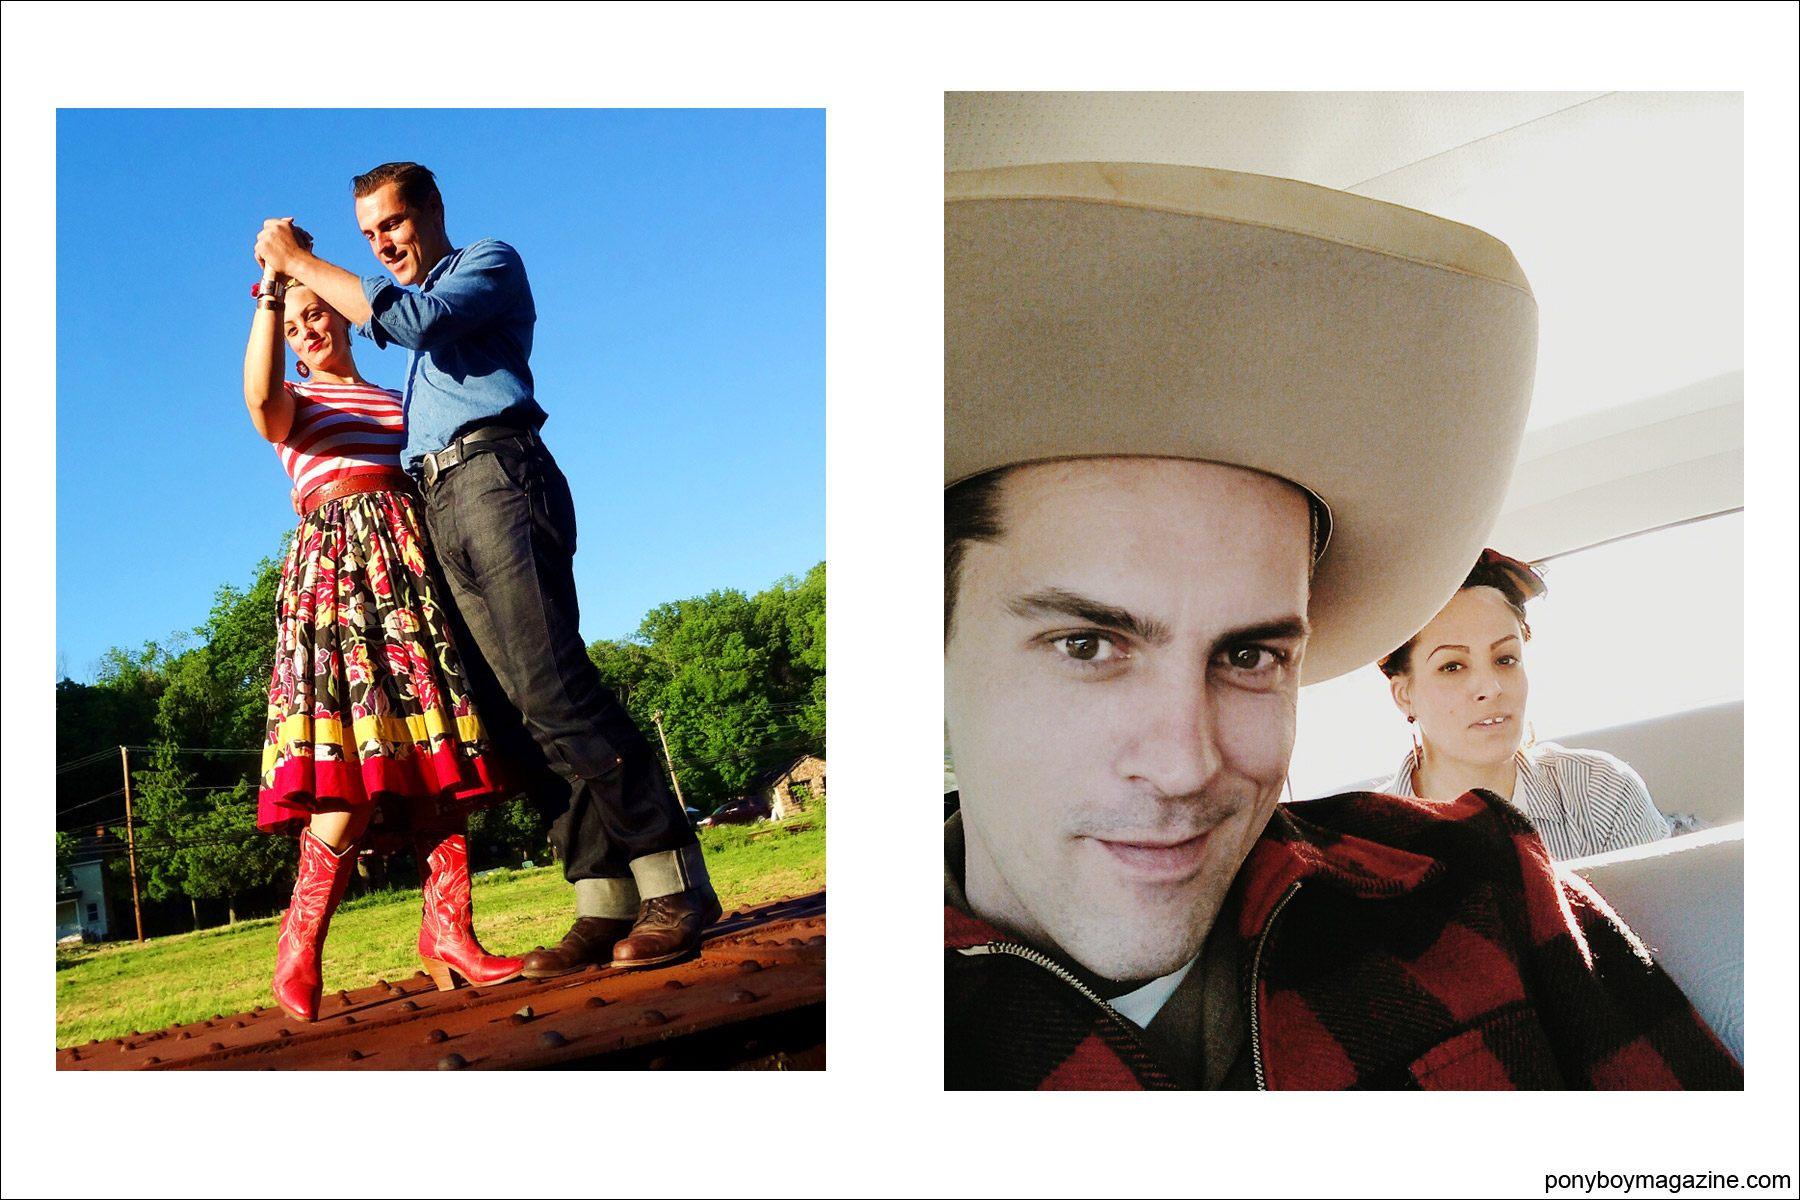 Photos of Jim and Tamara Landwehr, for Ponyboy Magazine.